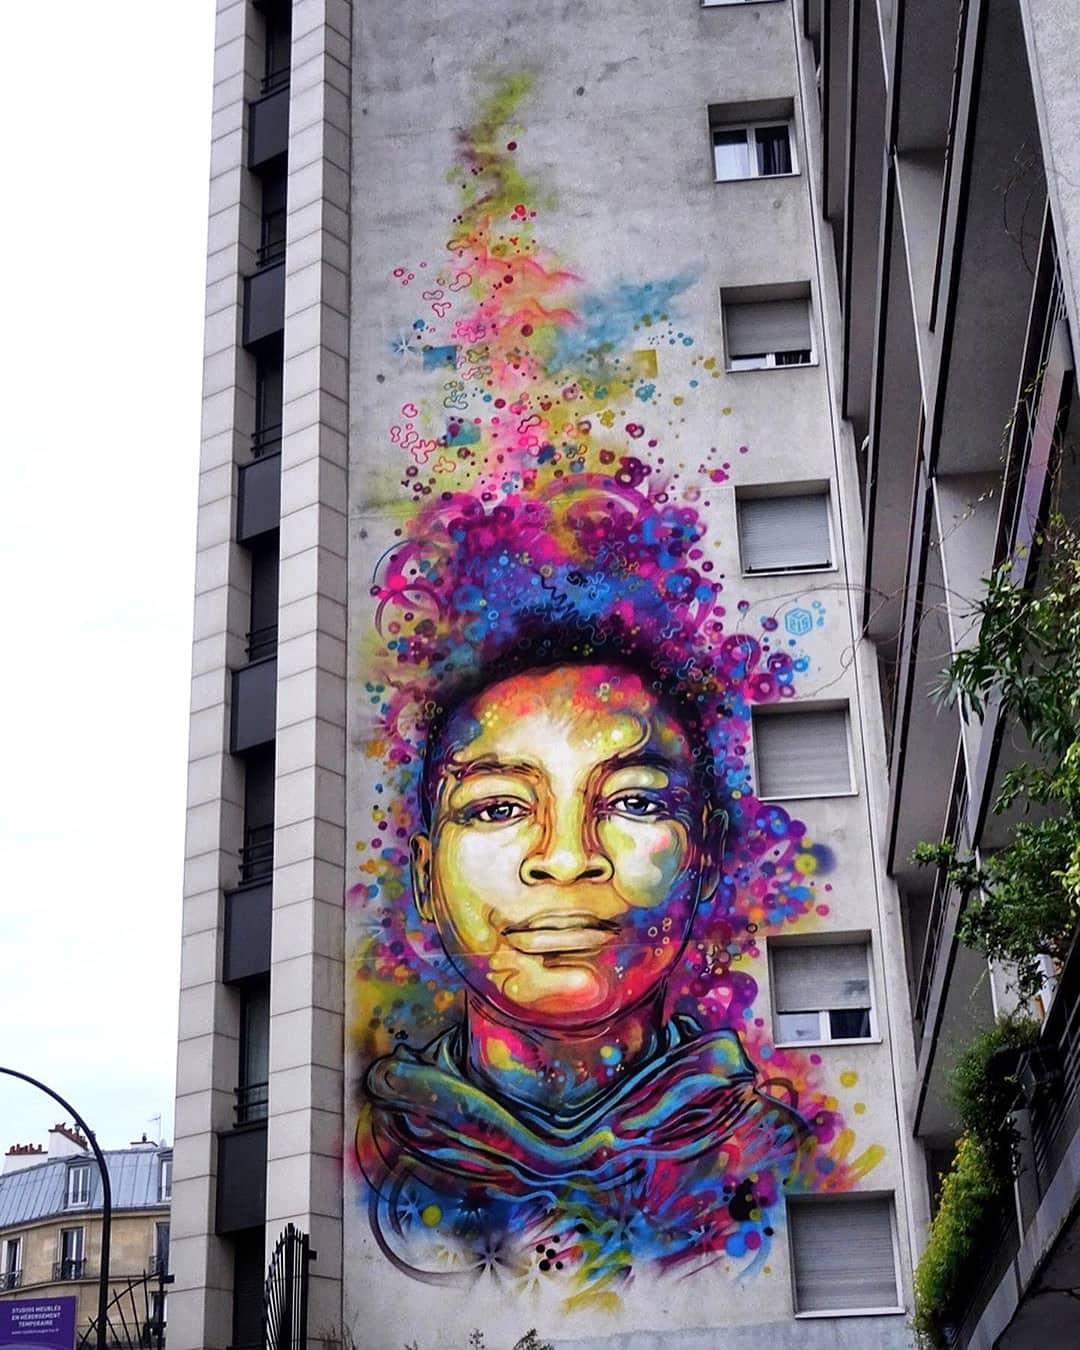 C215 @ Paris, France